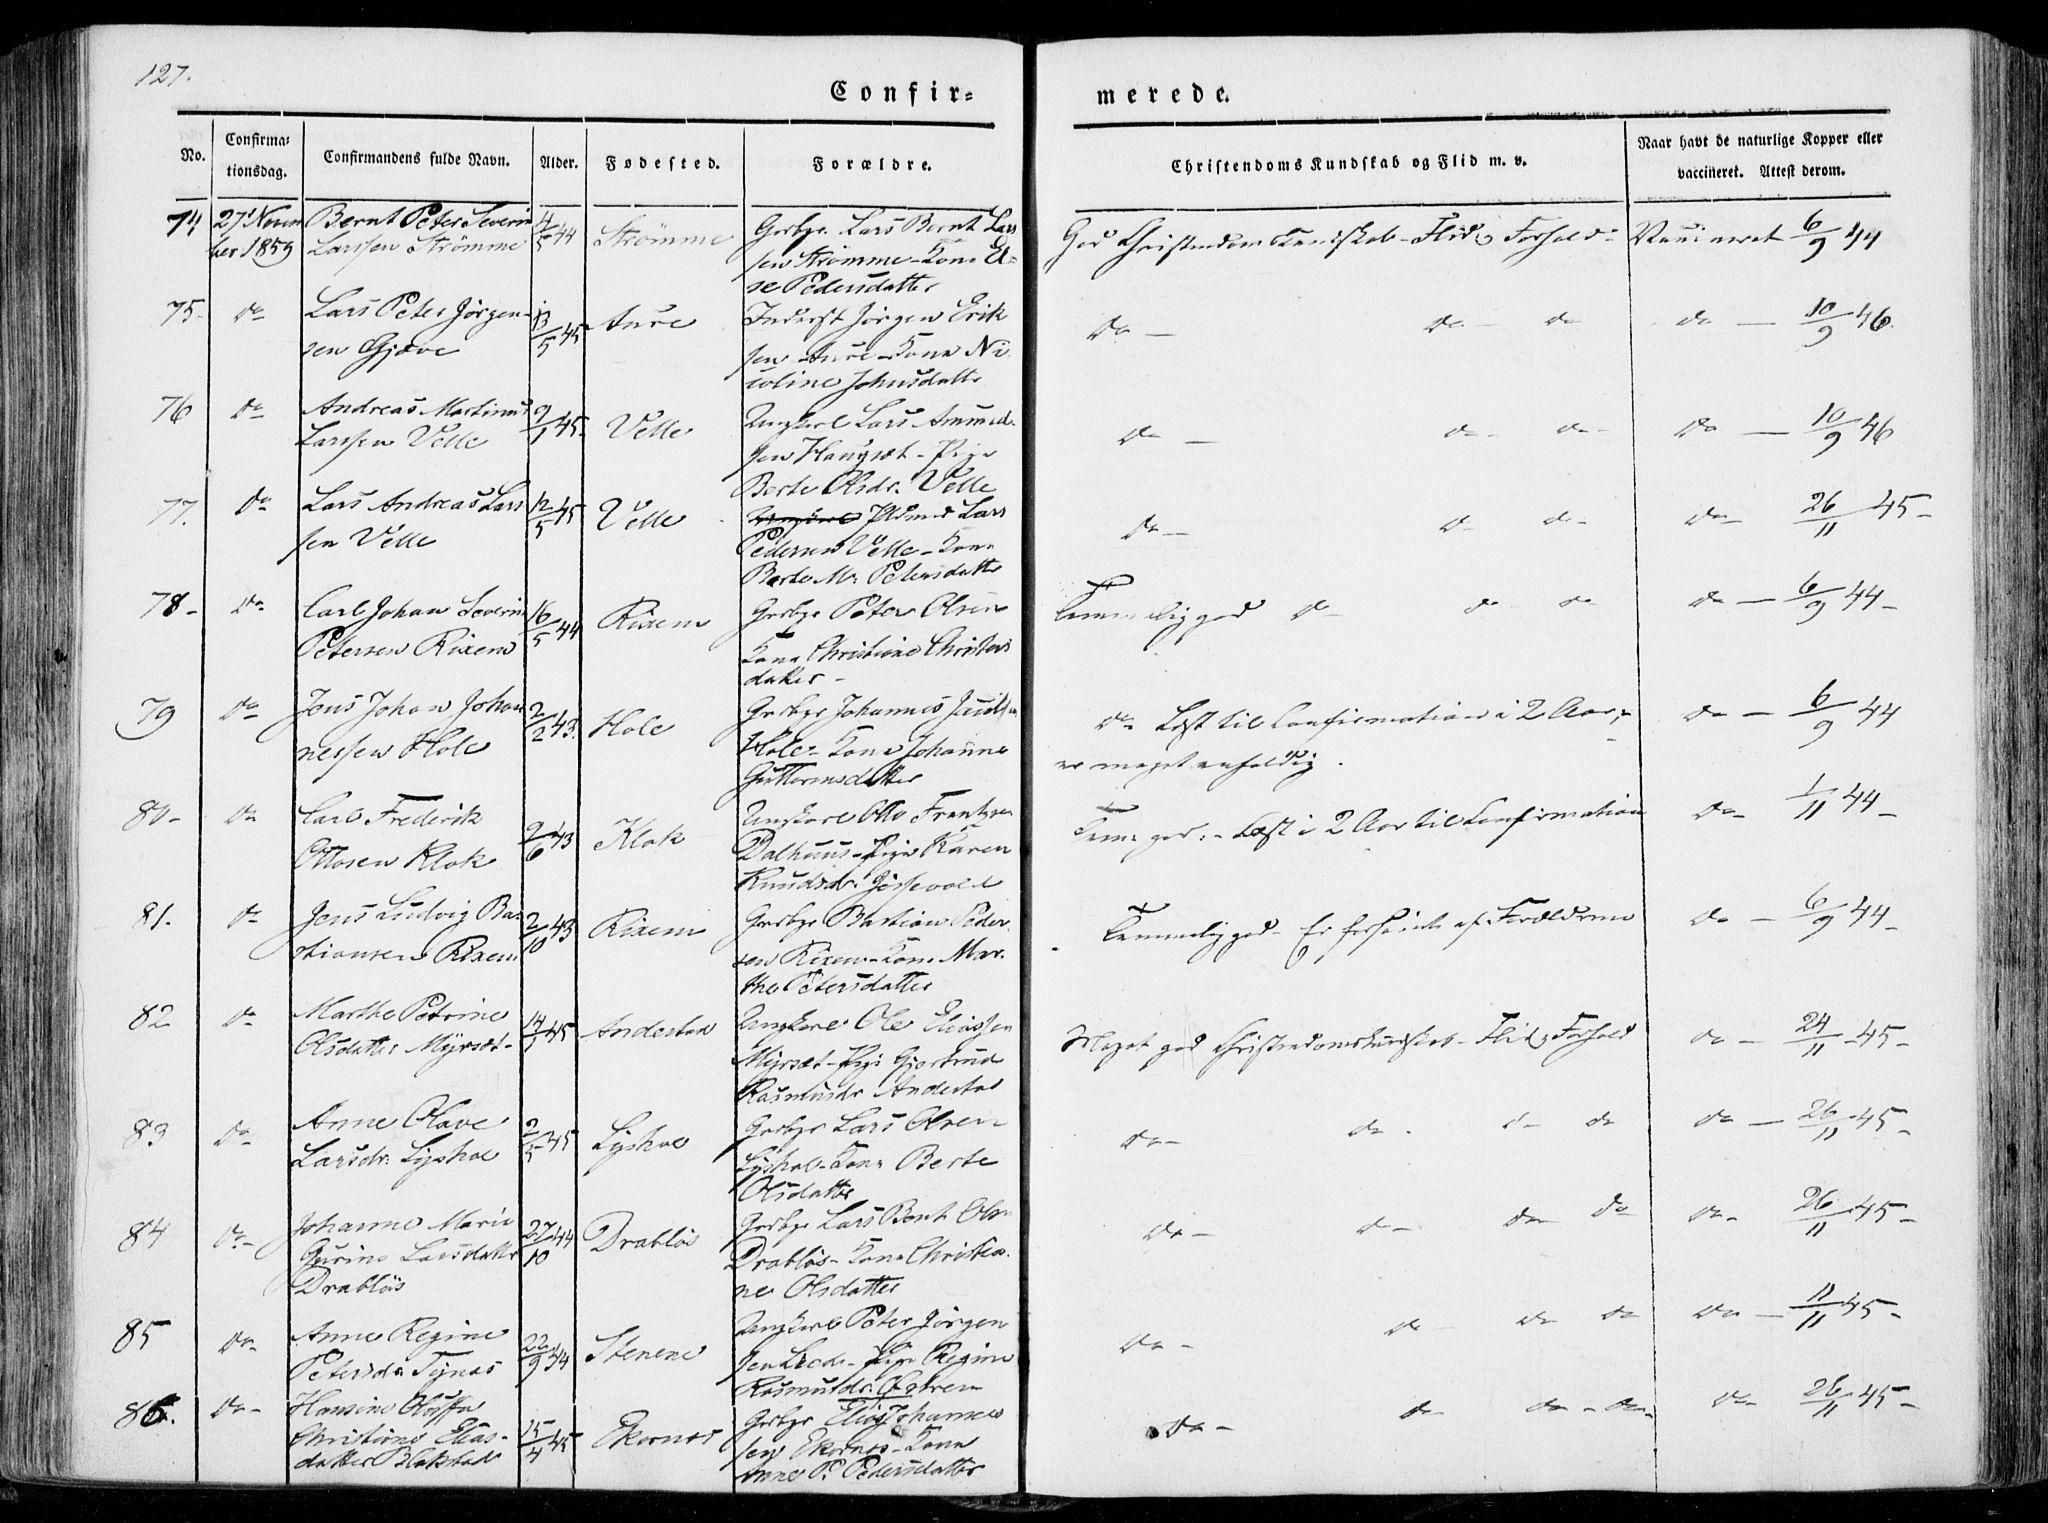 SAT, Ministerialprotokoller, klokkerbøker og fødselsregistre - Møre og Romsdal, 522/L0313: Ministerialbok nr. 522A08, 1852-1862, s. 127